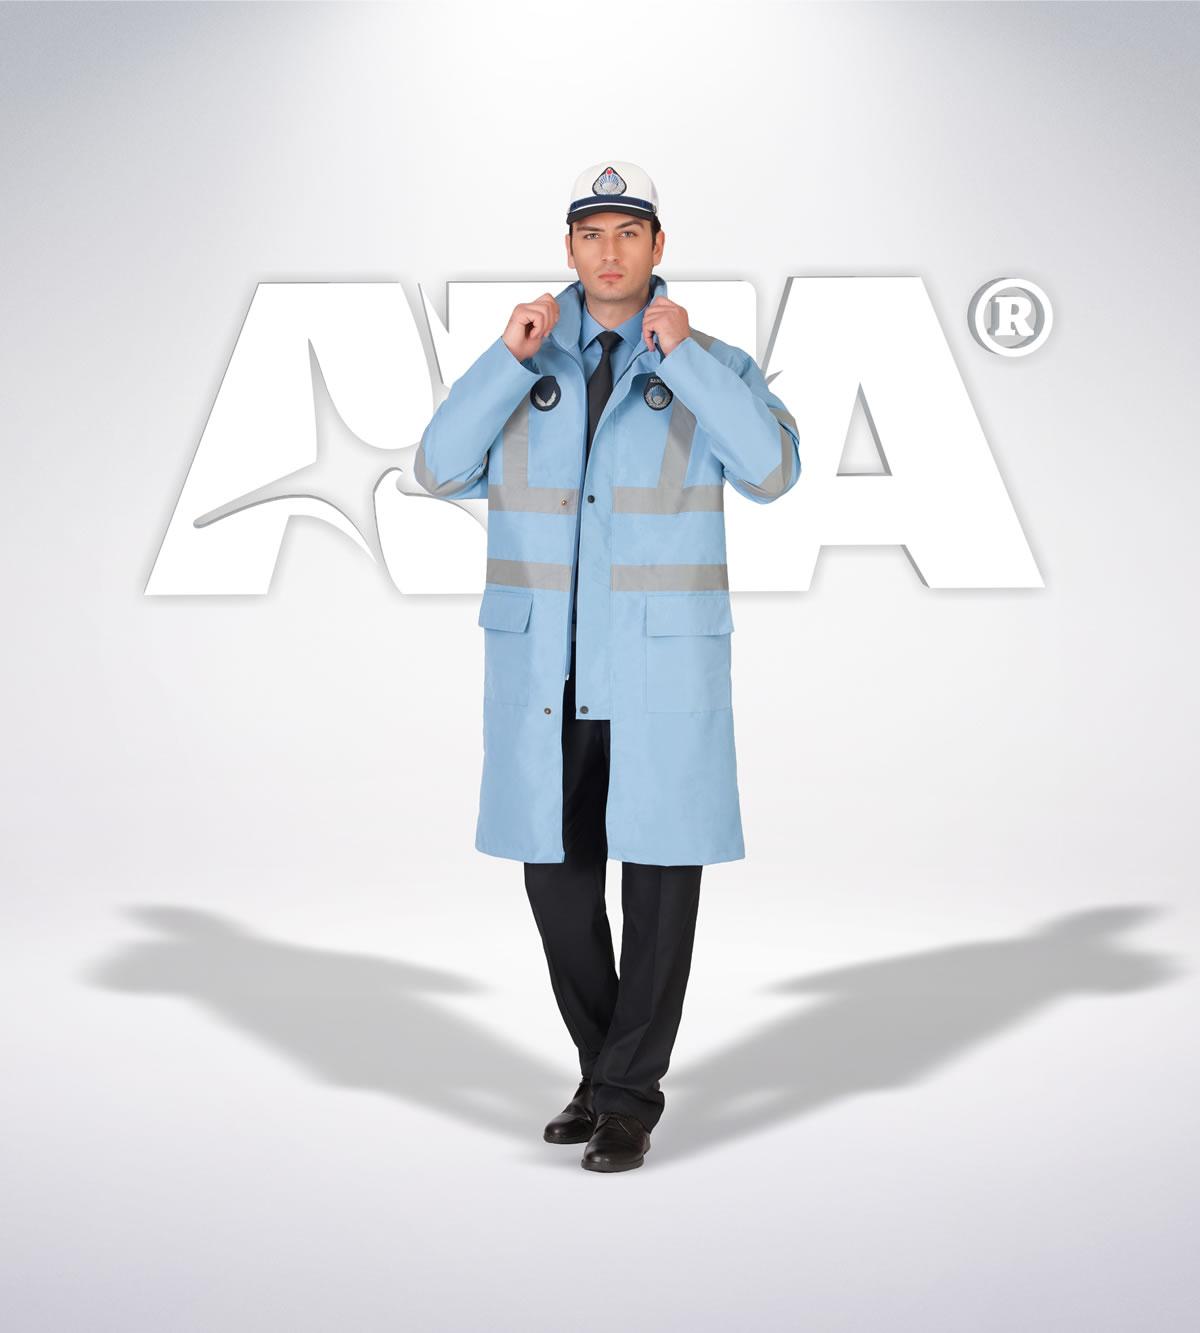 ATA 219 - yagmurluk - aksesuar - zabıta elbiseleri | zabıta üniformaları | zabıta kıyafetleri